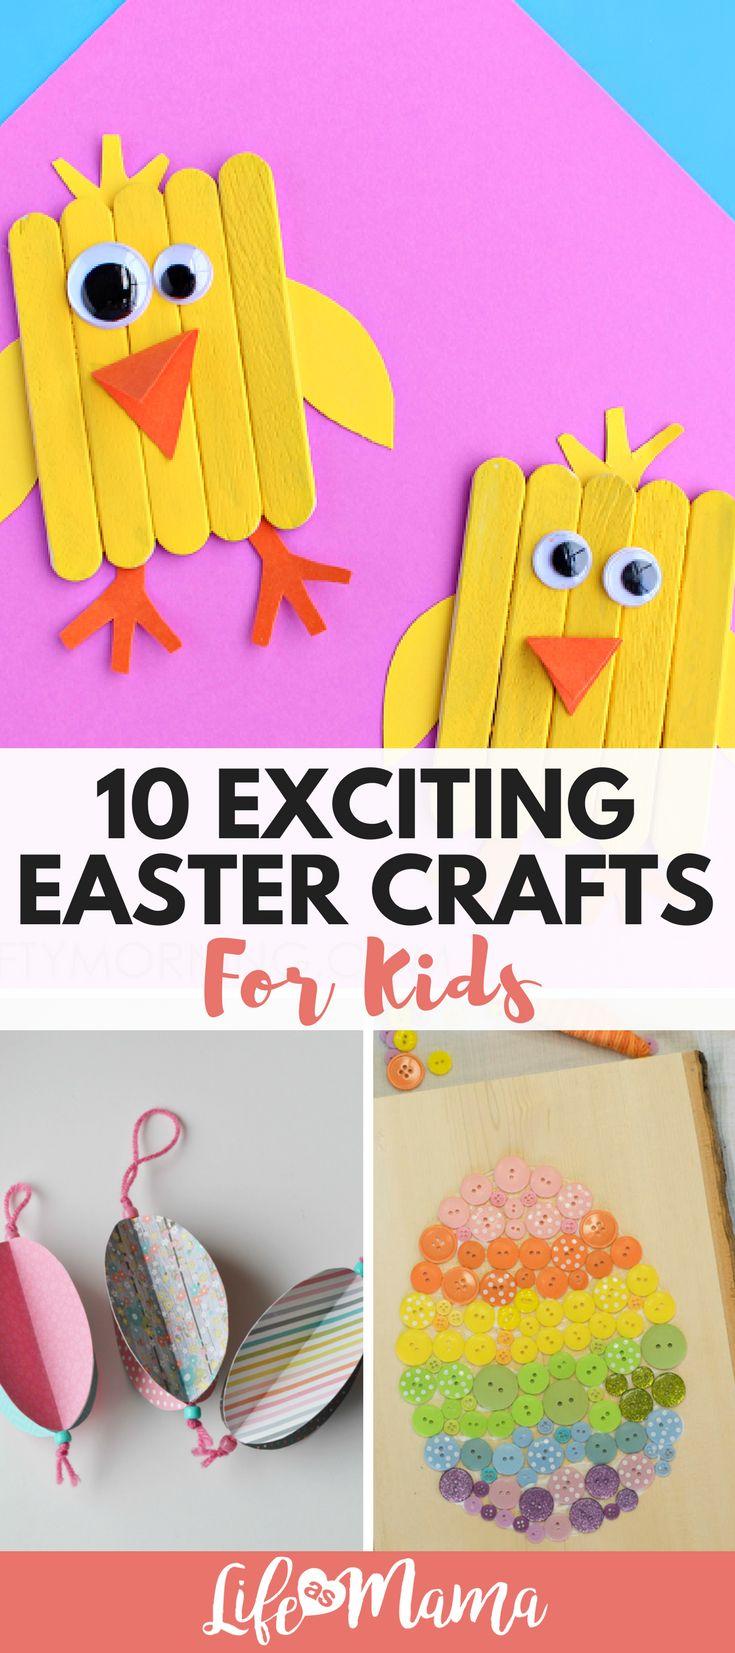 Fun Easter Crafts for kids. #easter #eastercrafts #bunnycrafts #eastereggs #eastereggcrafts #activitiesforkids #springcrafts